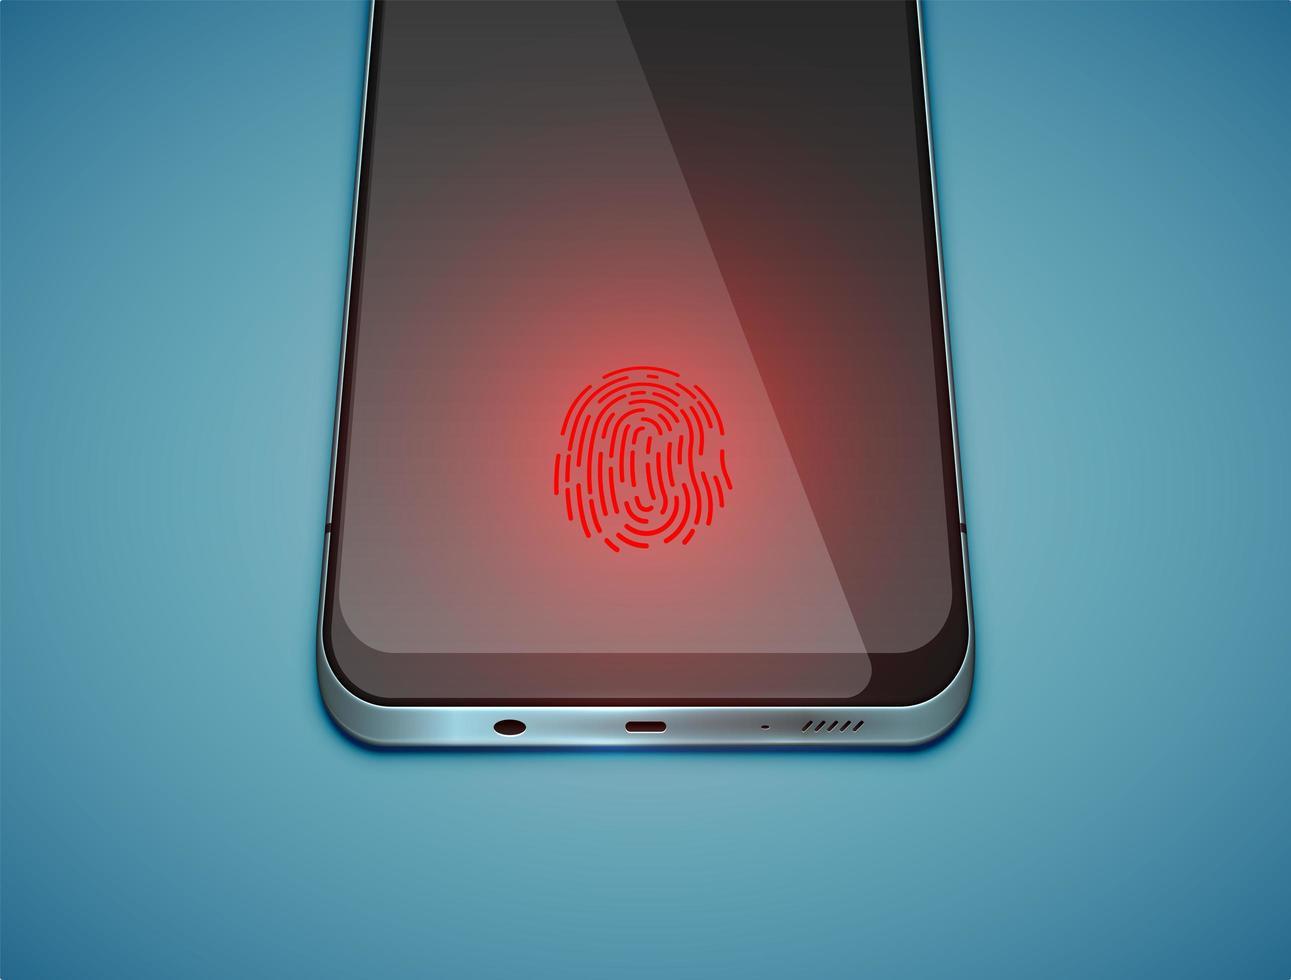 sensore di impronte digitali rosso sul display vettore